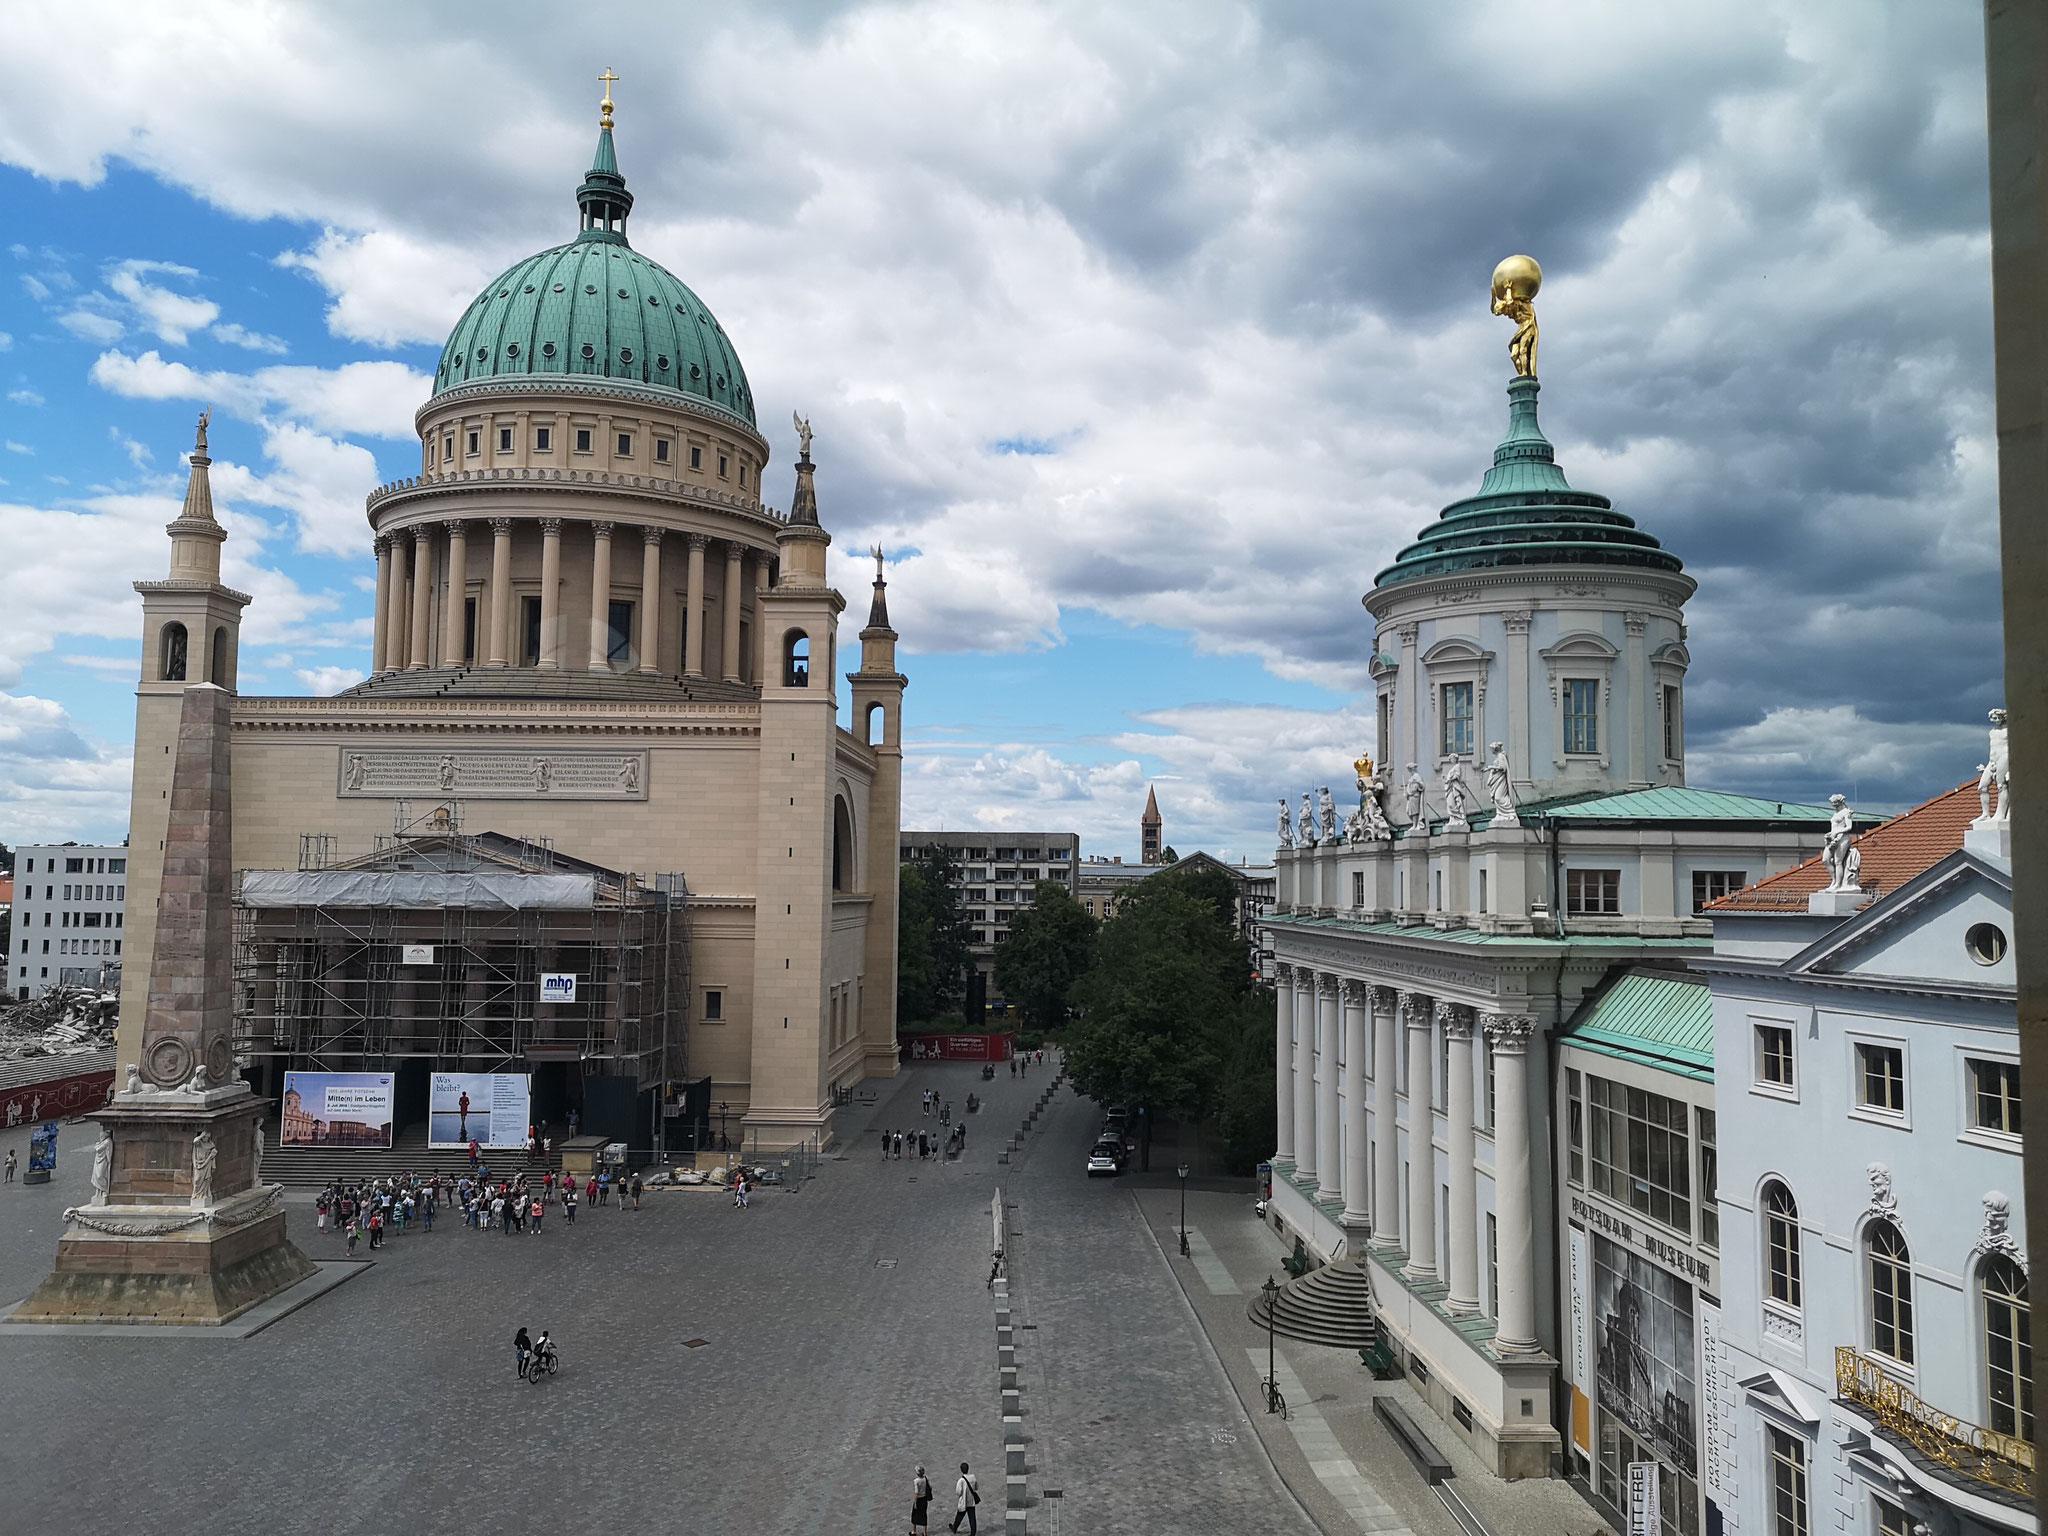 Der historische Kern von Potsdam